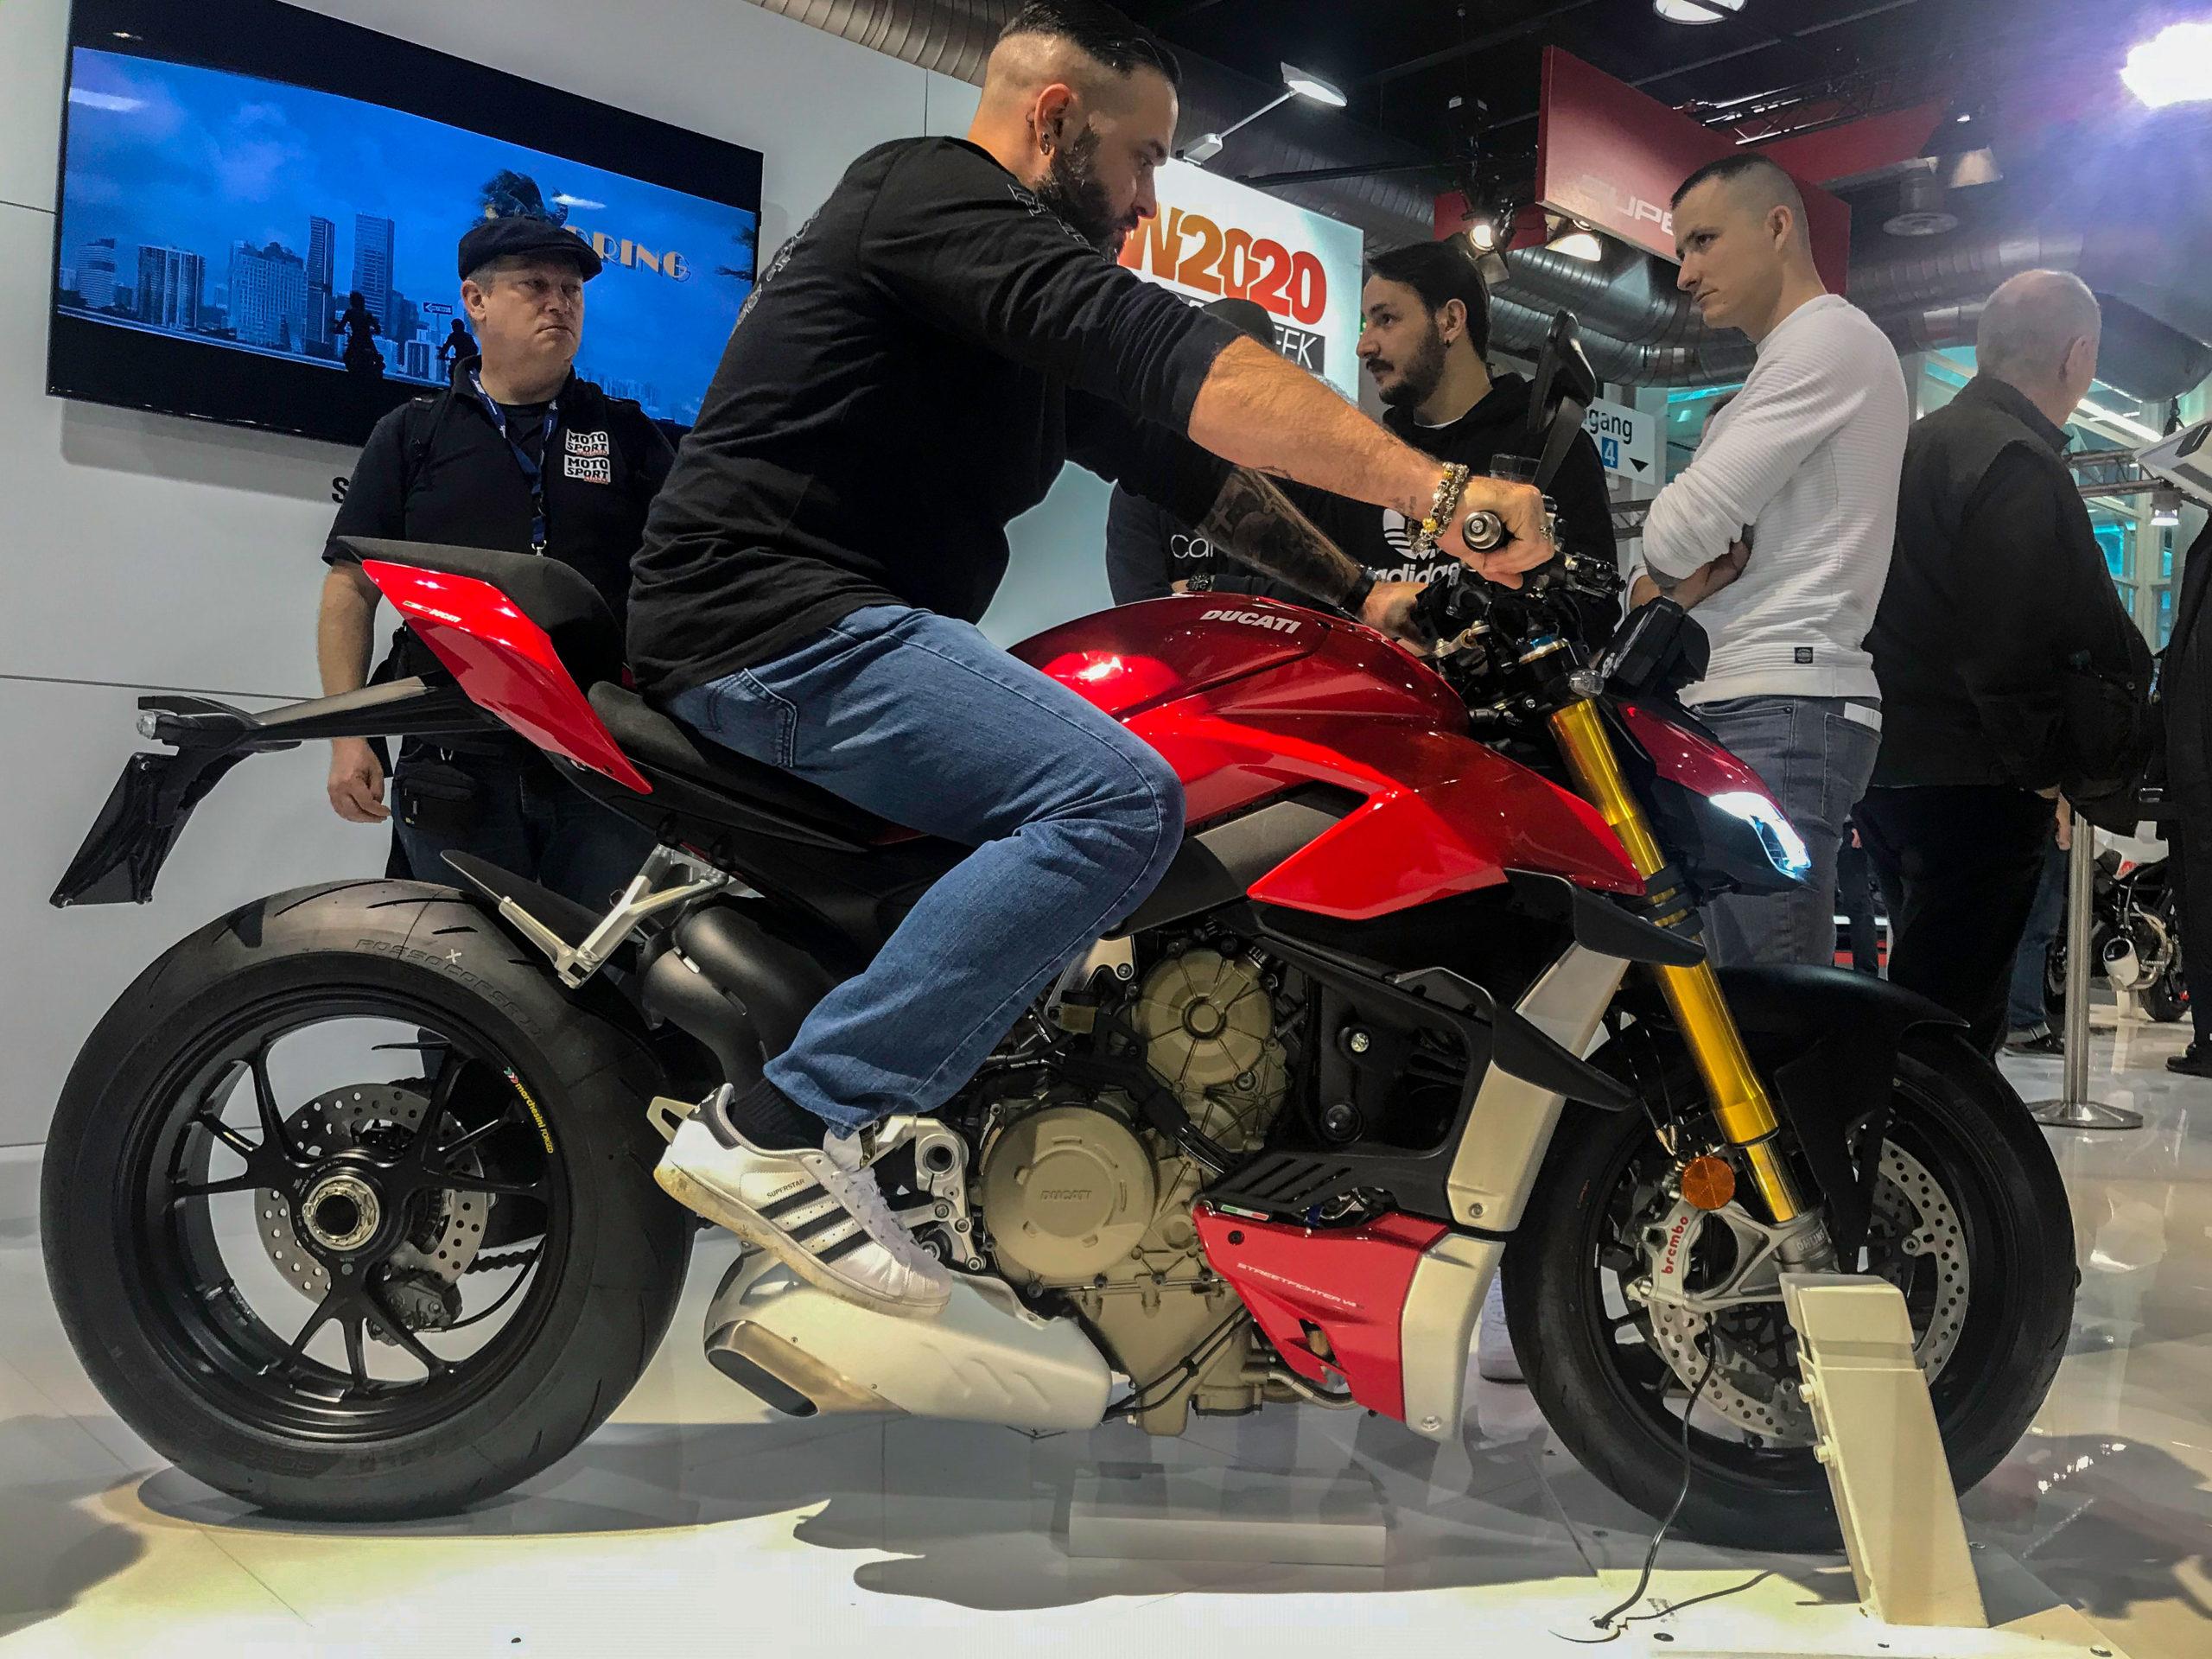 Salon moto 12